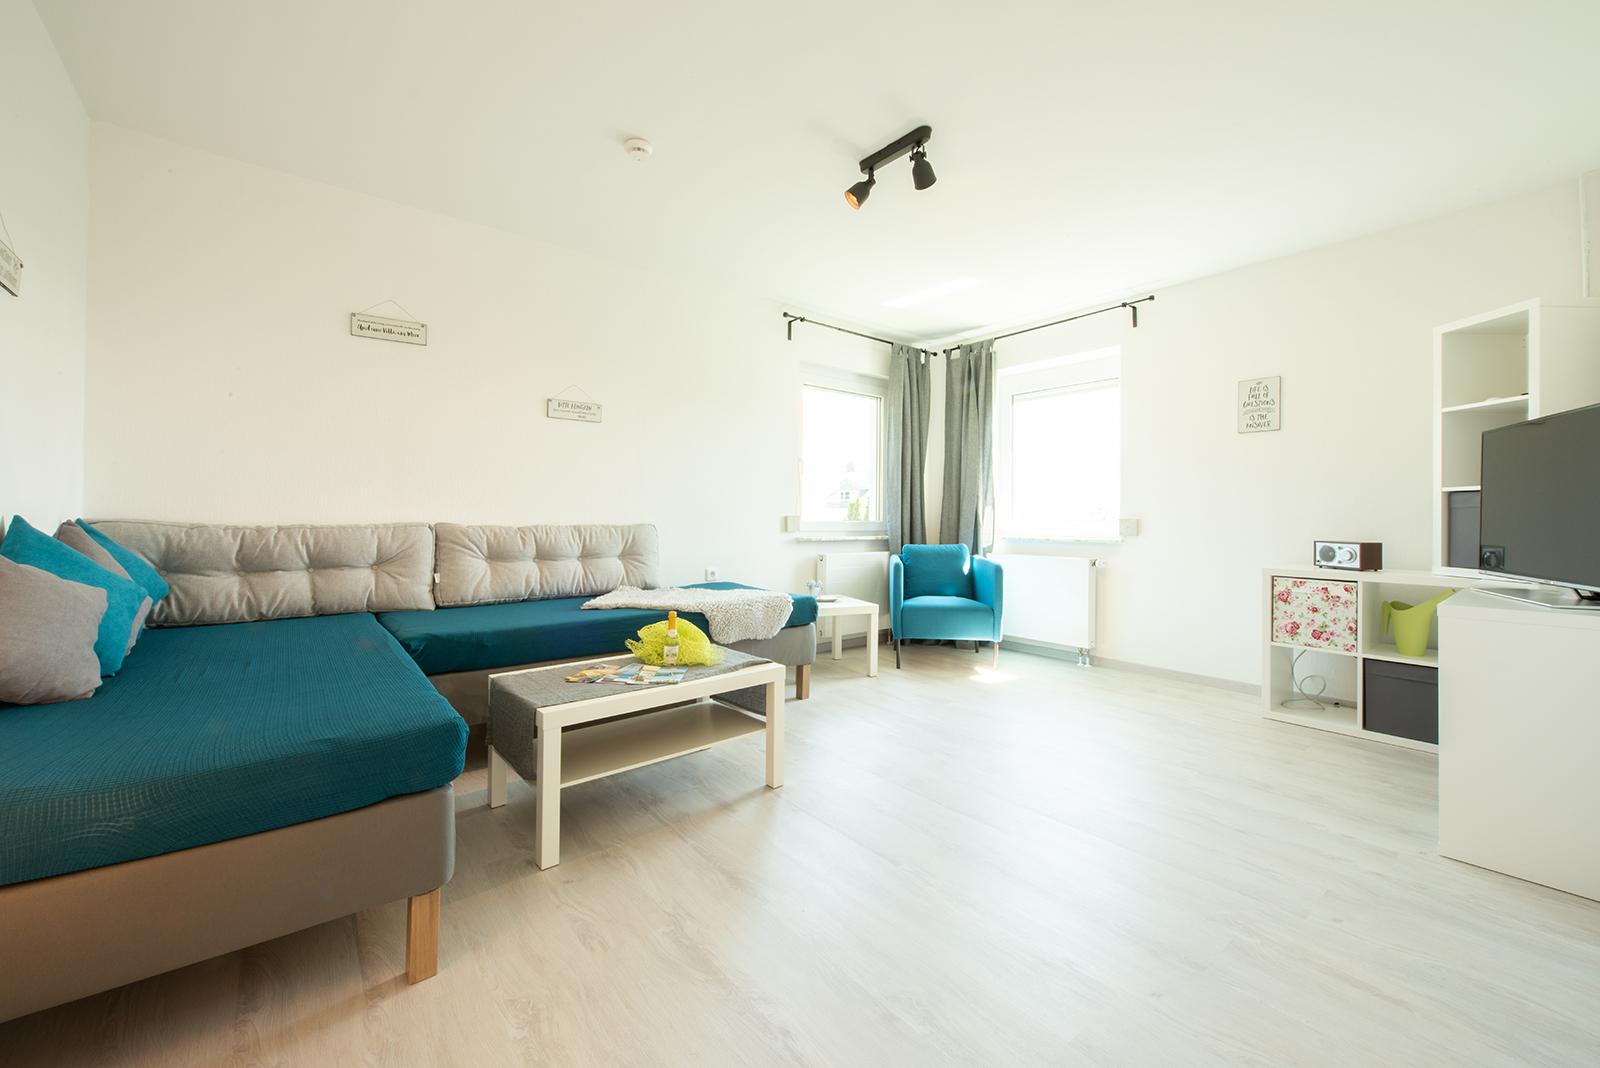 Ferienwohnung am Bodensee: Meersburg - Wohnzimmer